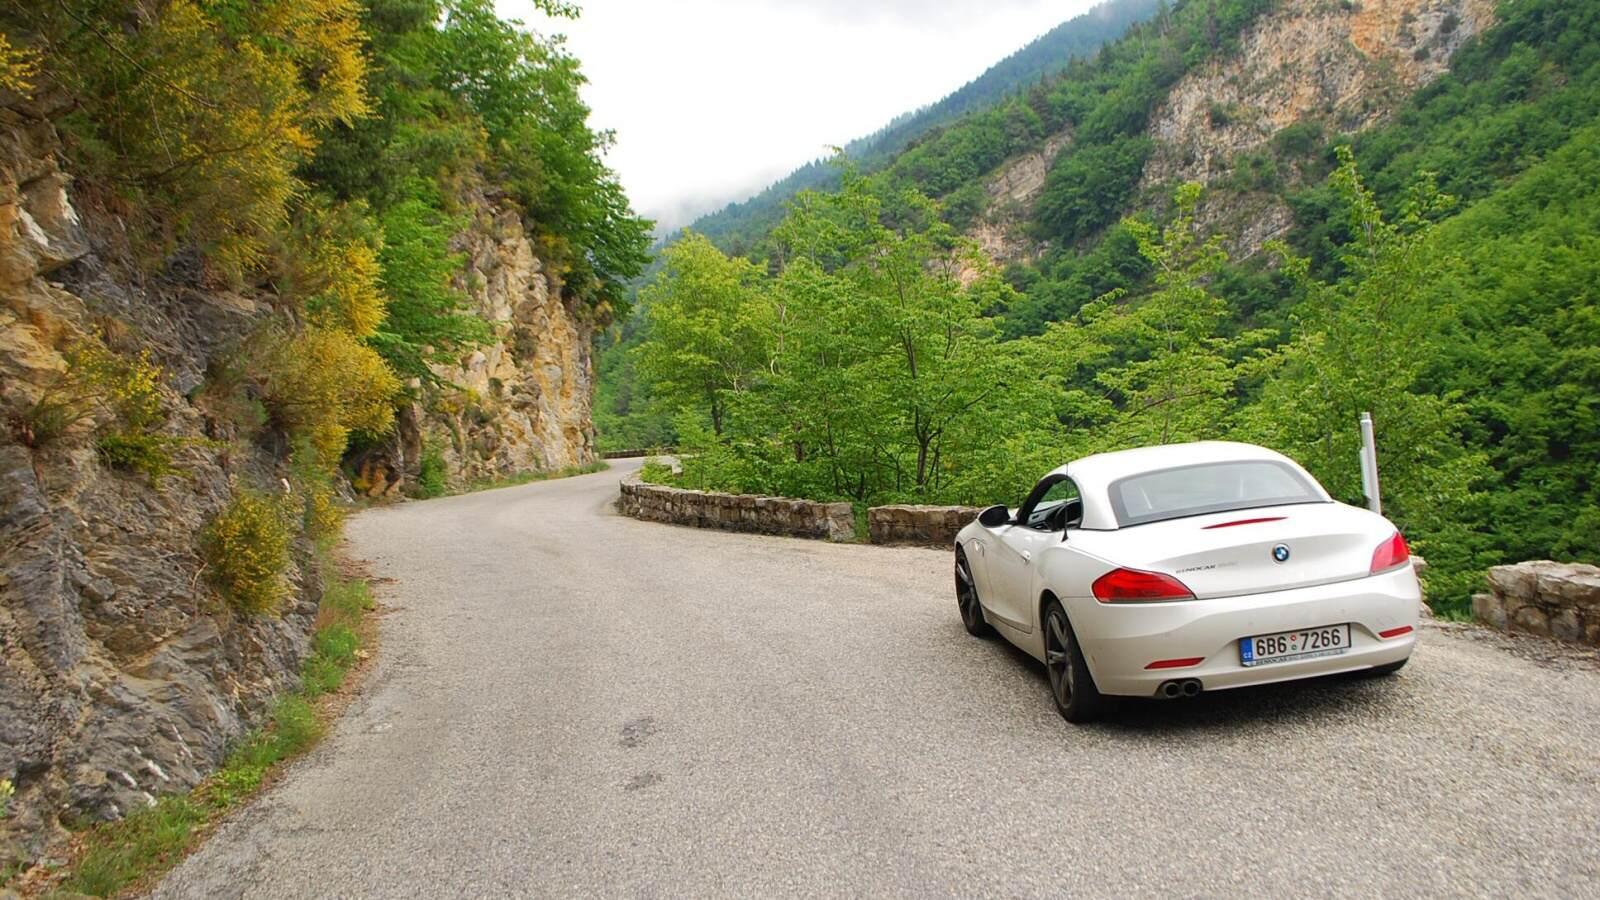 Hledání nejlepší silnice – 8. část: Col de Turini a okolí